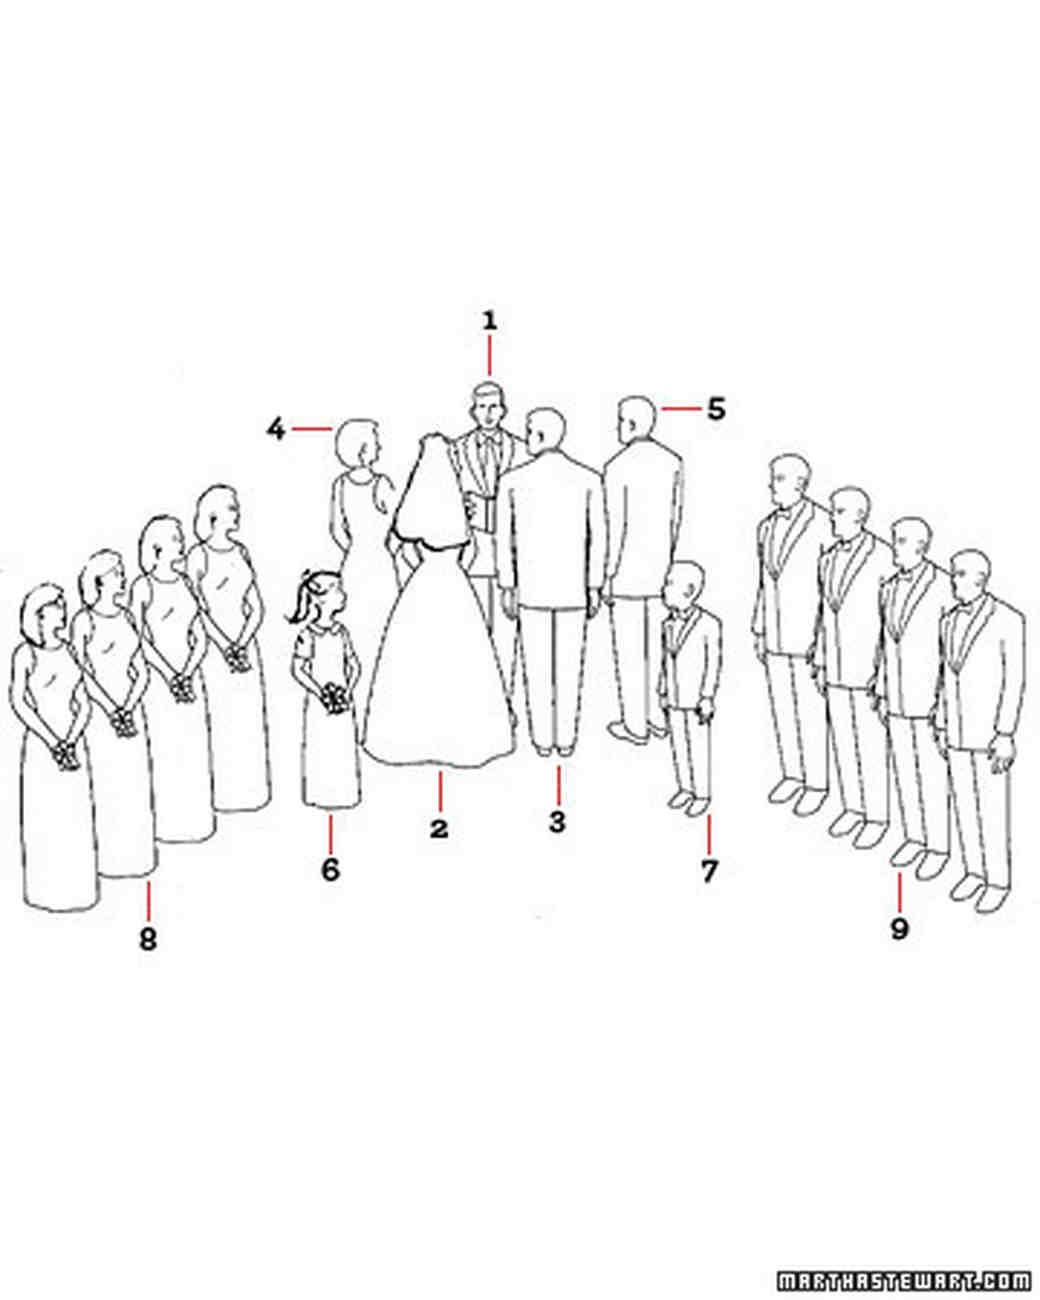 diagram of wedding party